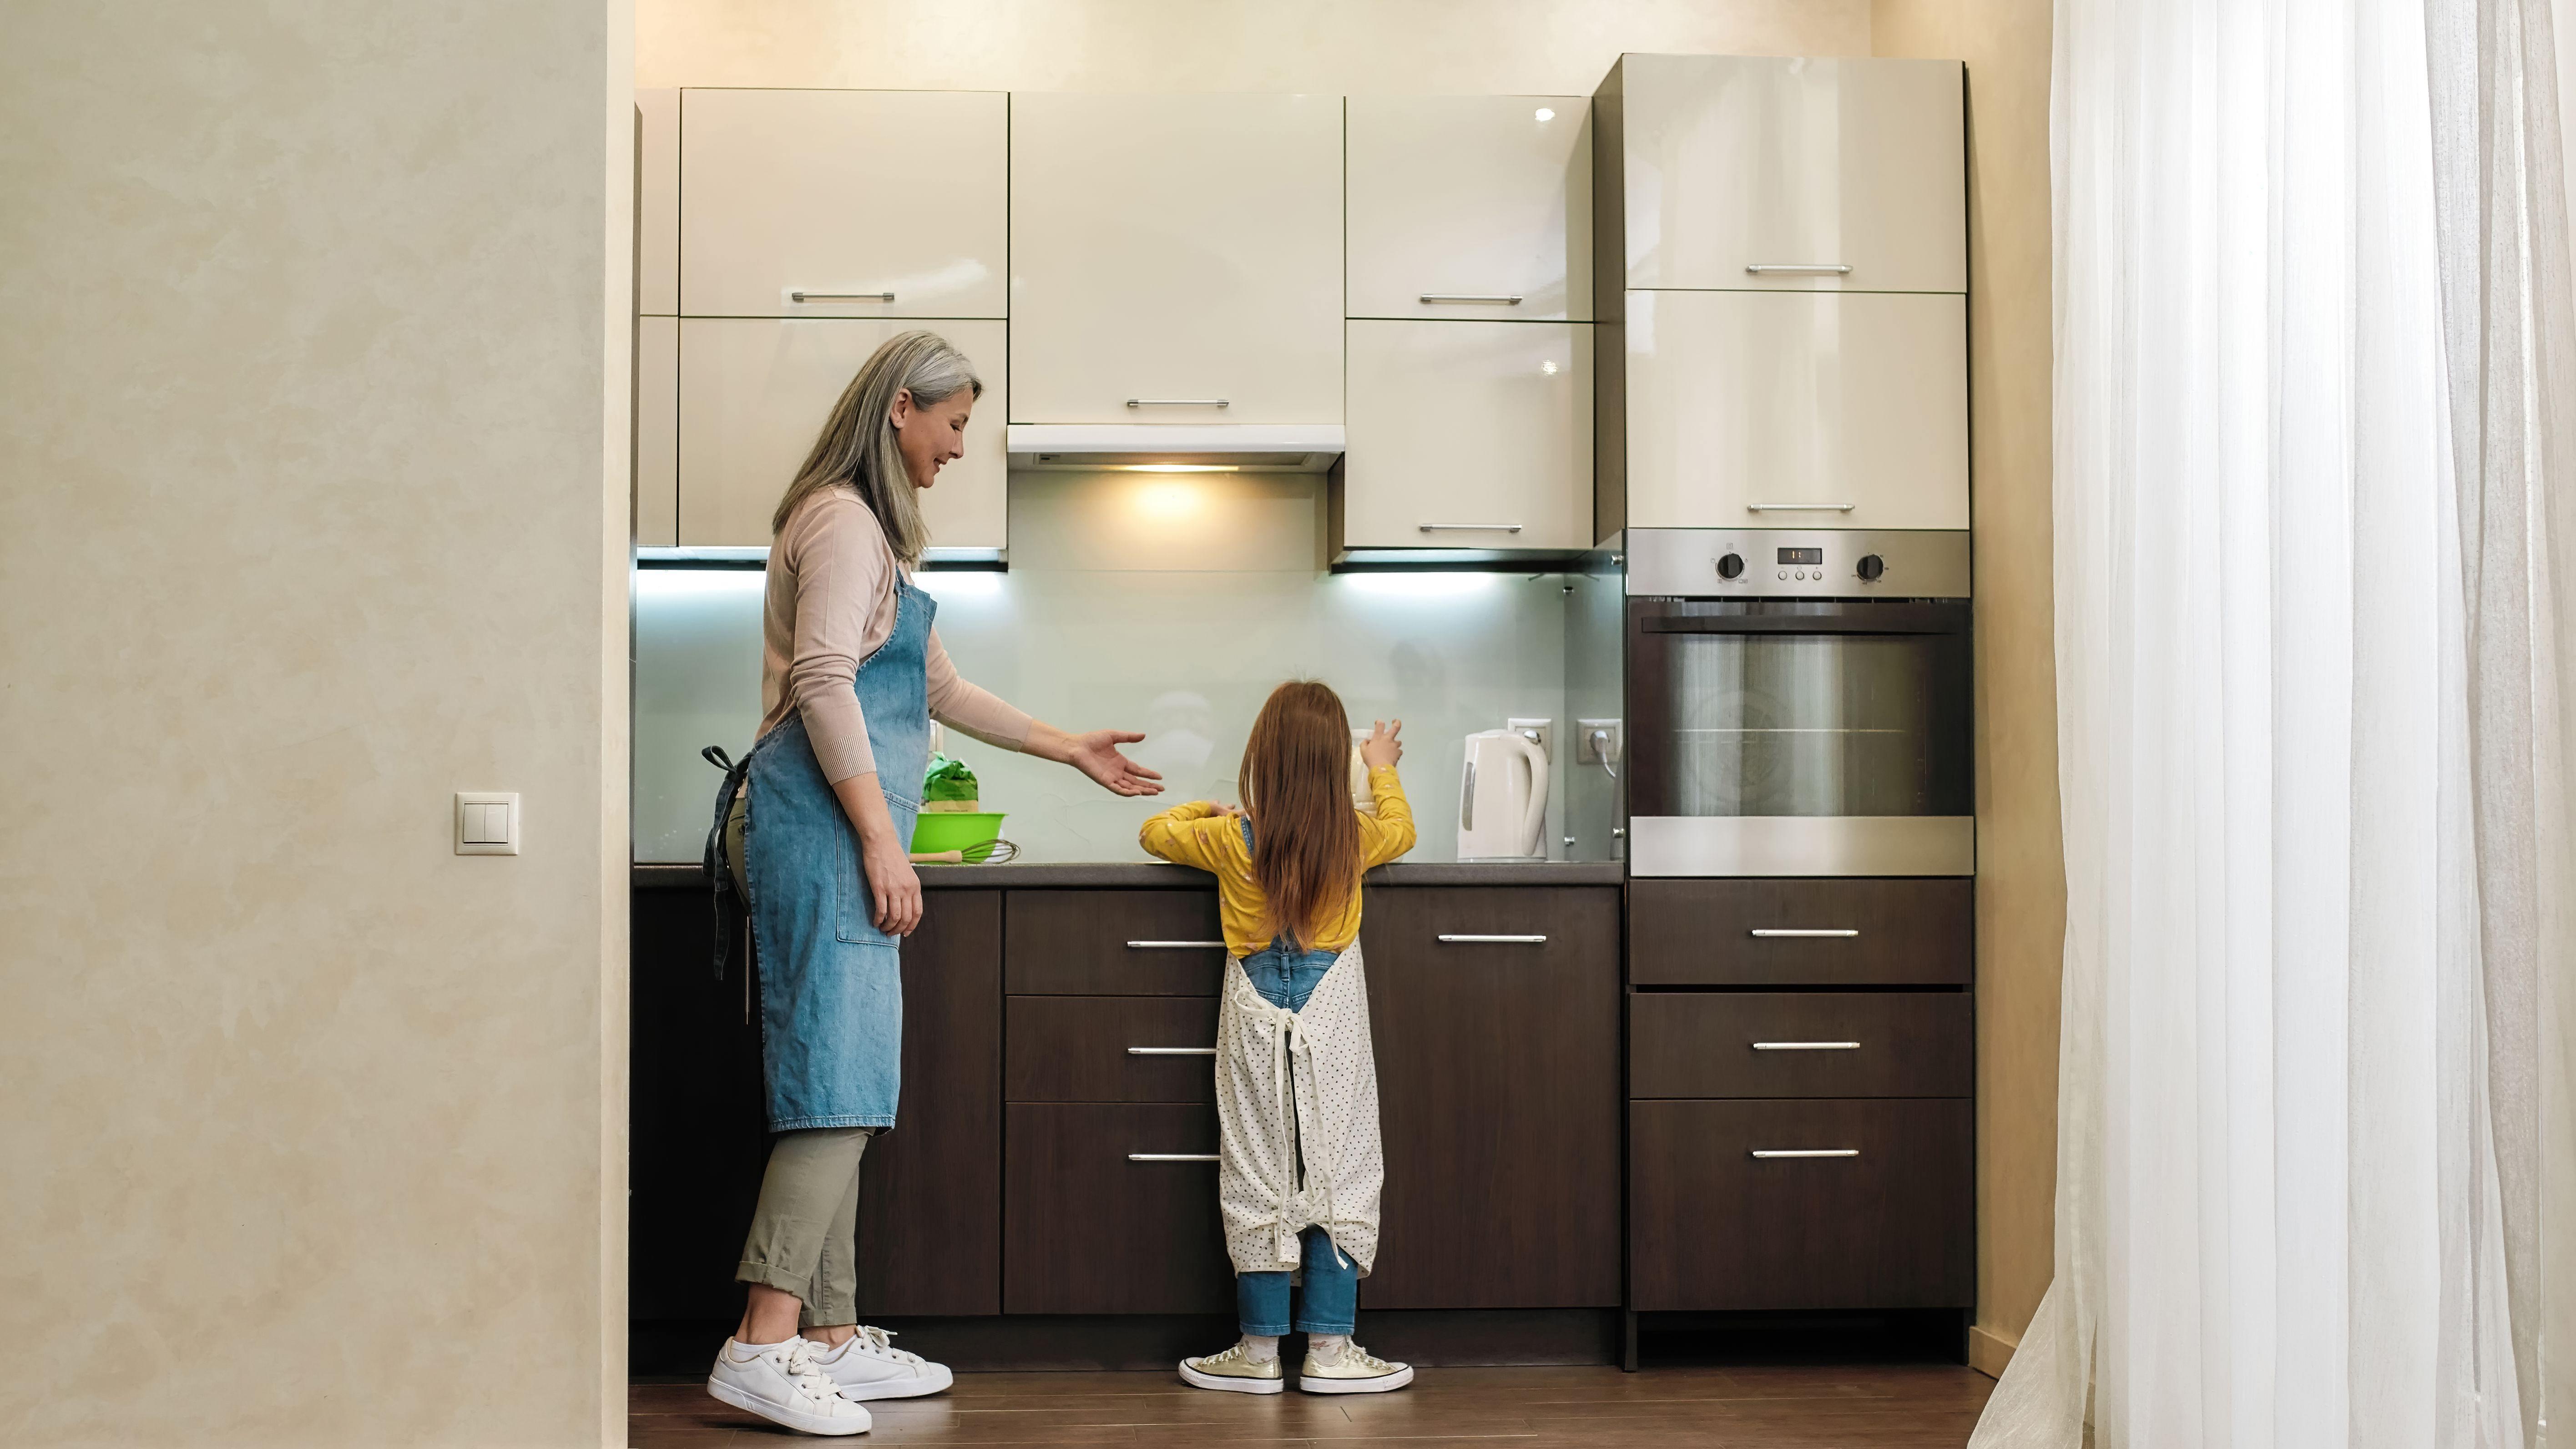 Eine kleine Küche einrichten: So geht's